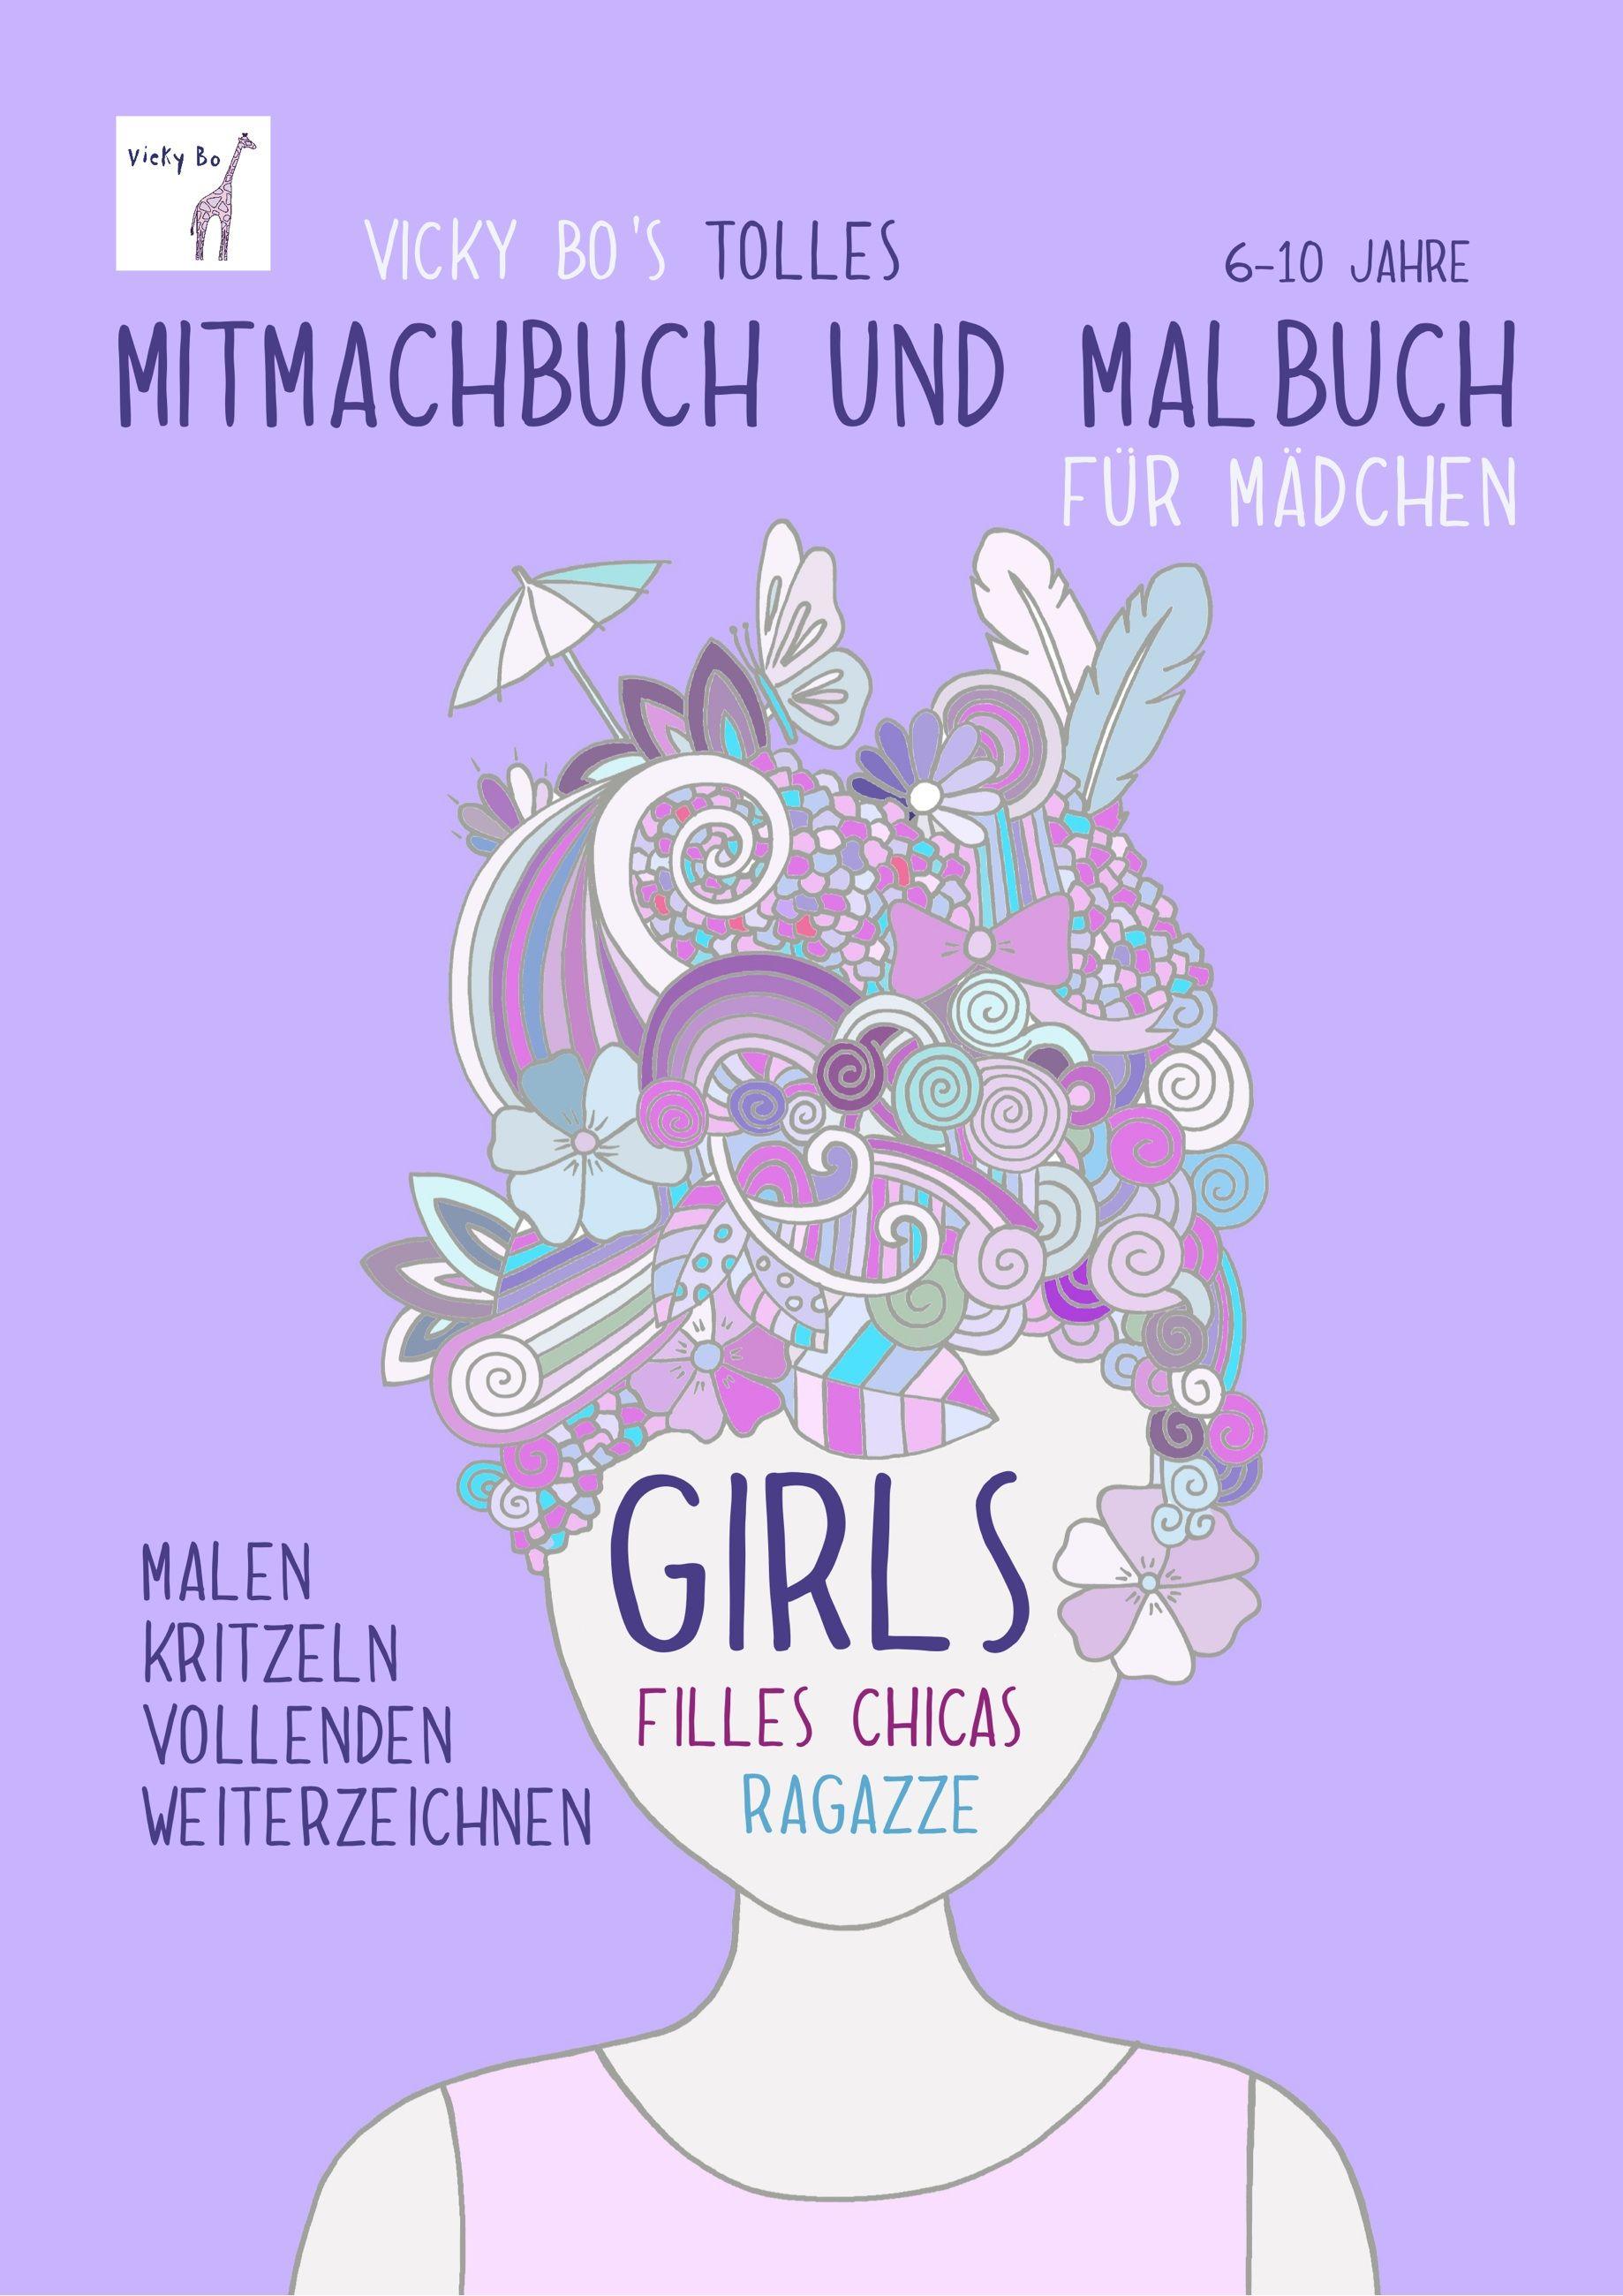 Mitmachbuch und Malbuch – Mädchen. 6-10 Jahre von Vicky Bo: